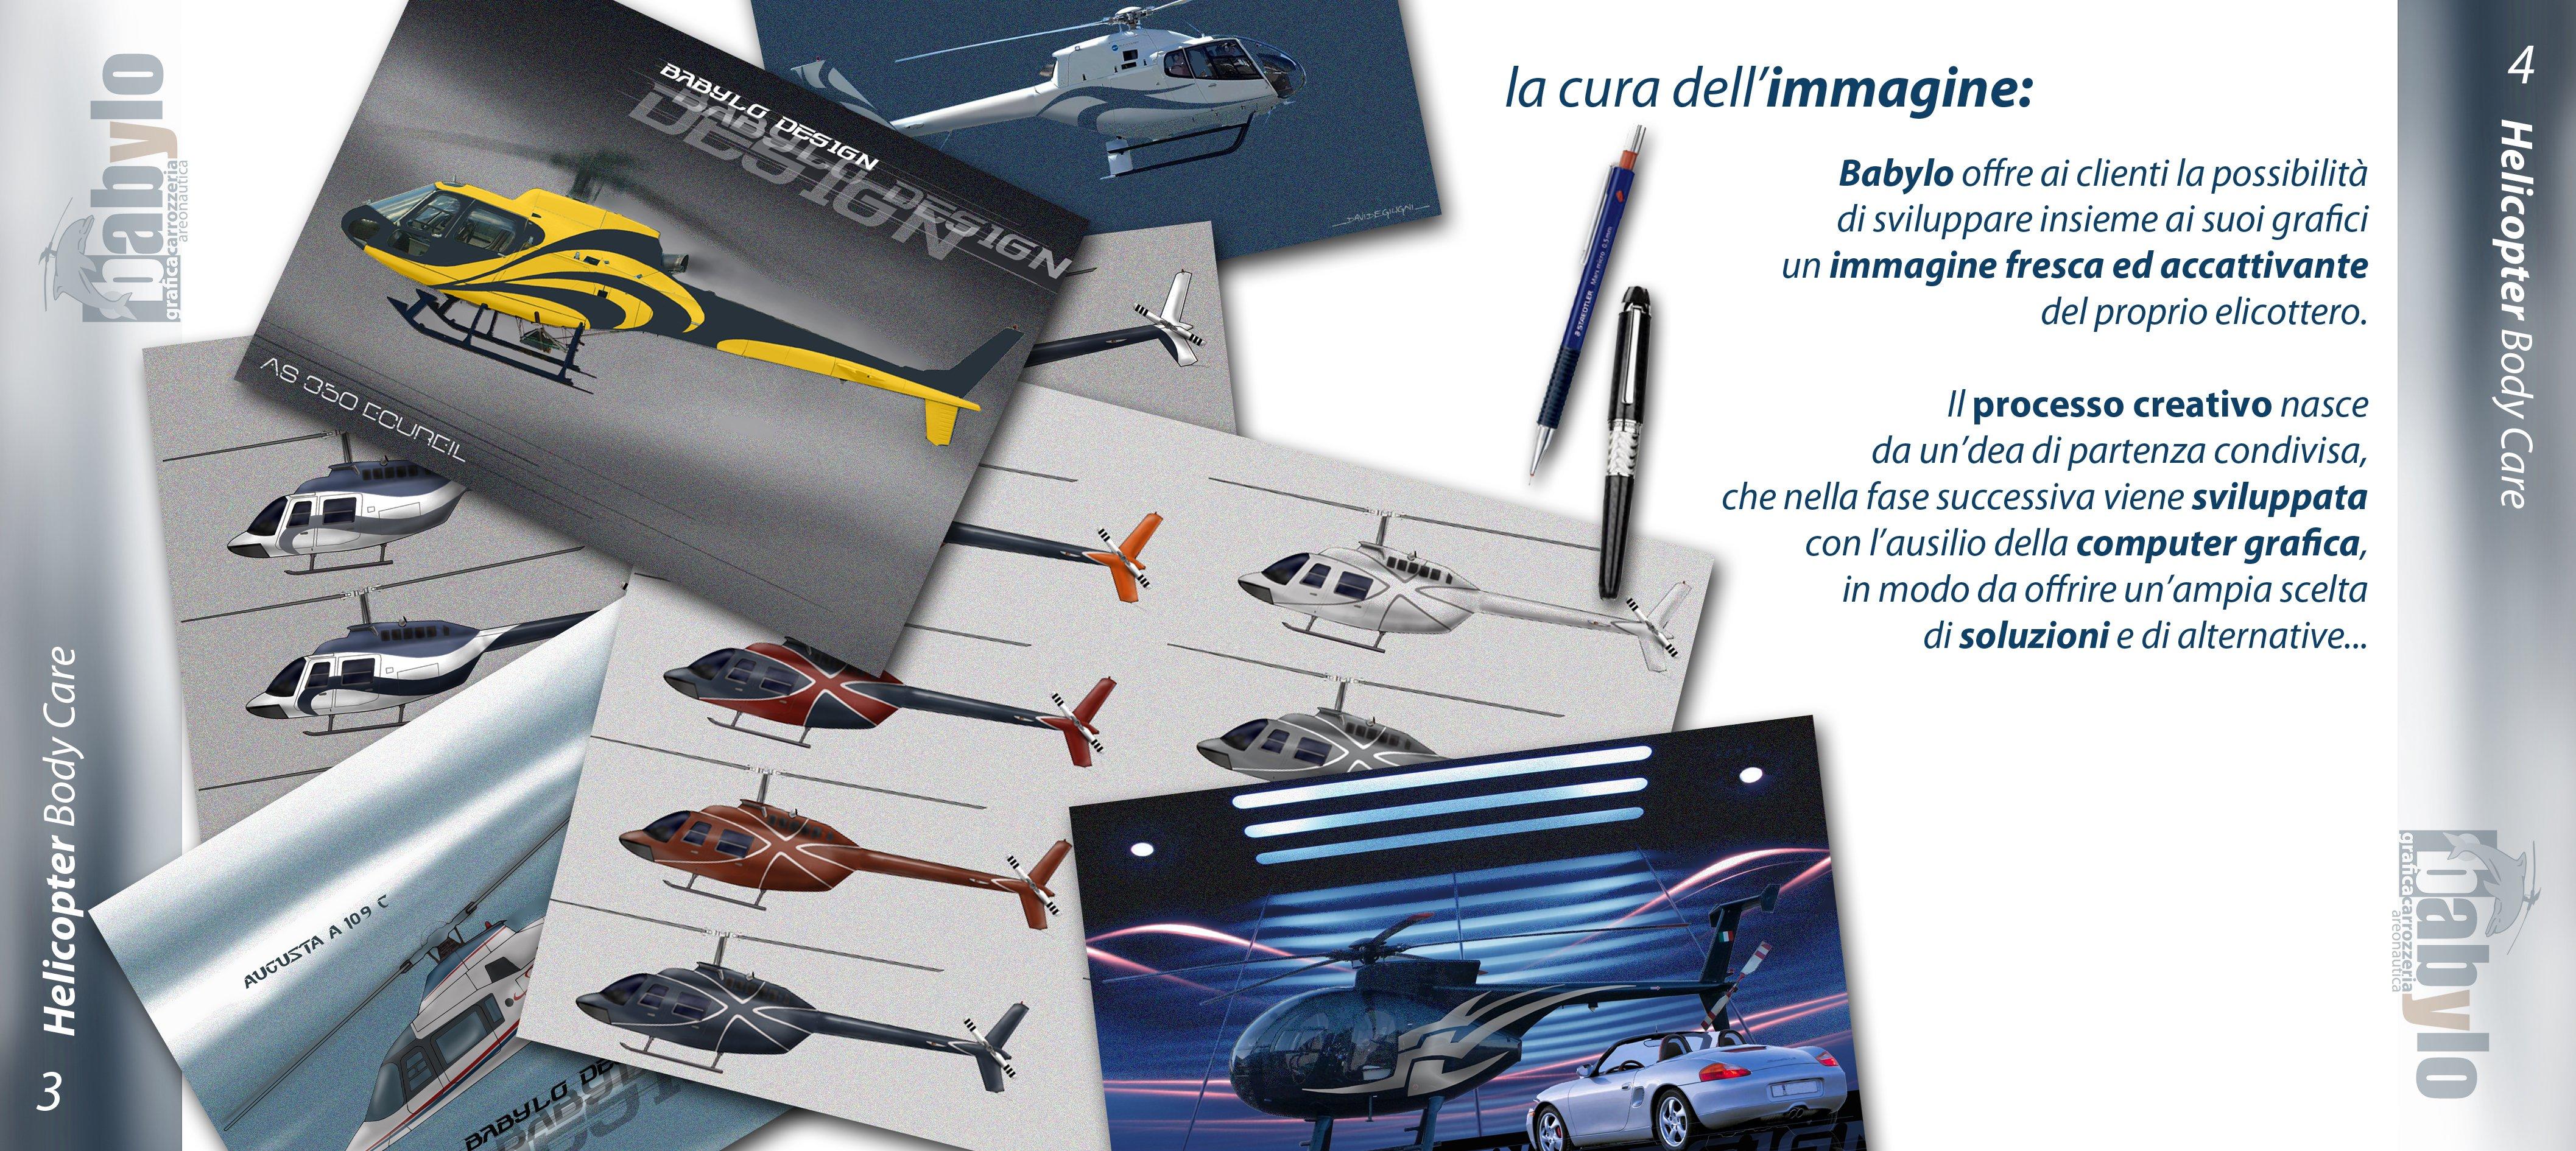 la cura dell'immagine di elicotteri